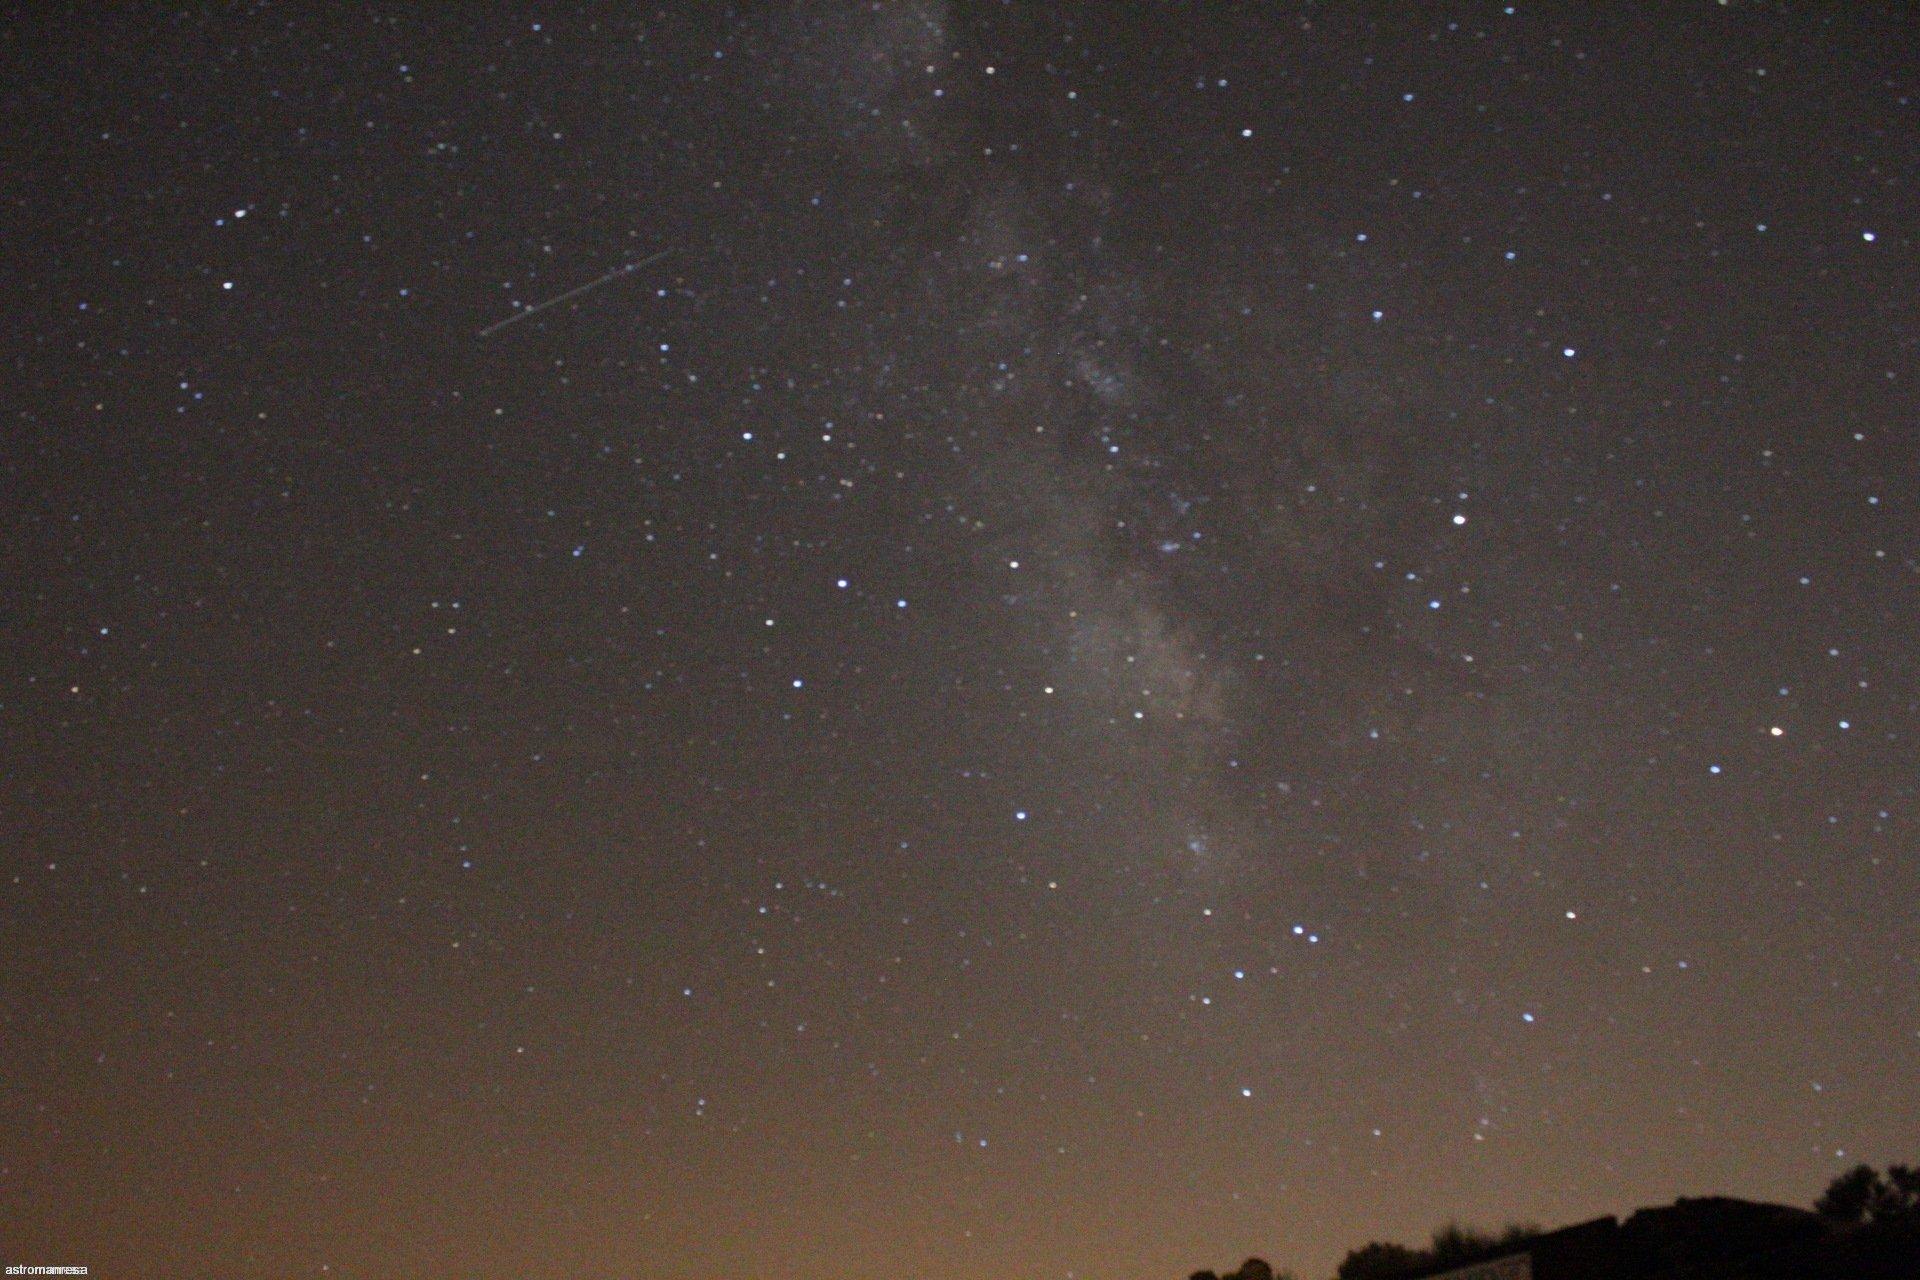 Imatge des de les Cañadas del Teide de la zona de sagitari. com podeu observar a aquelles latituds es poden observar moltes més constelacionts com la del telescopi. Imatge feta des de Las Cañadas del Teide amb una càmera Canon eos 1300D, bjectiu de 18-55 mm i 30 segons d'exposició amb trípode, sense seguiment ni darks. 25/8/2017. Unai.